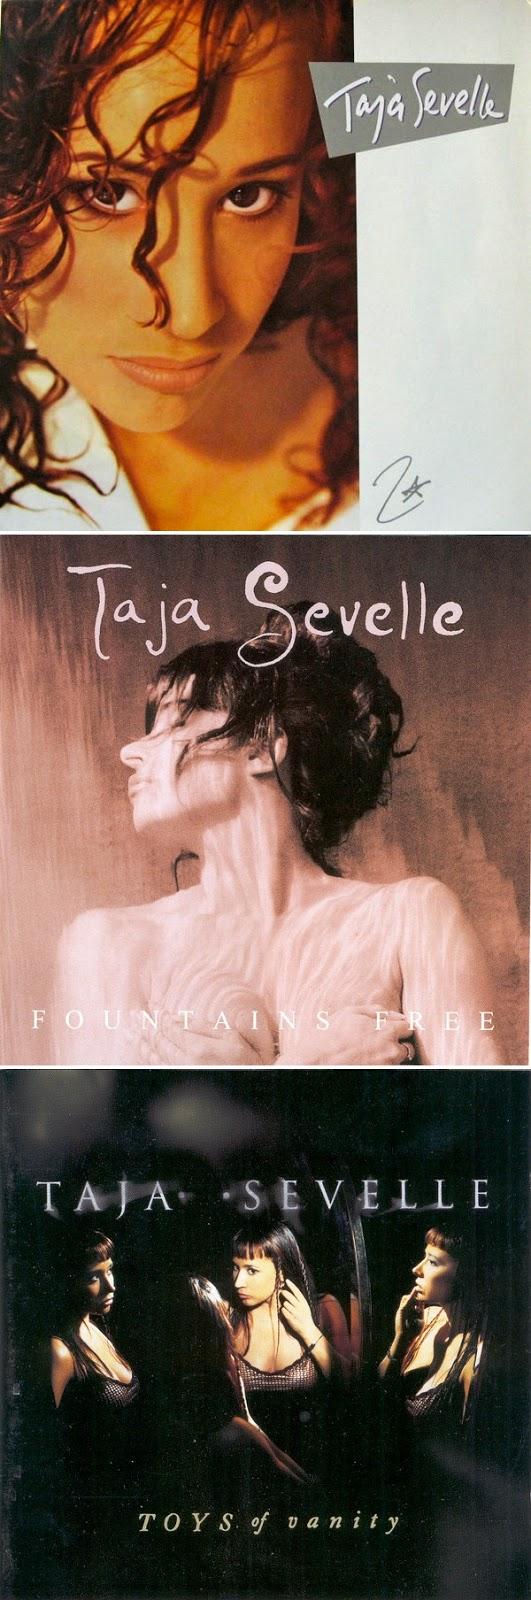 Taja Sevelle - Taja Sevelle (1987), Fountains Free (1991) & Toys Of Vanity (1997) TRIPLE POST!!!